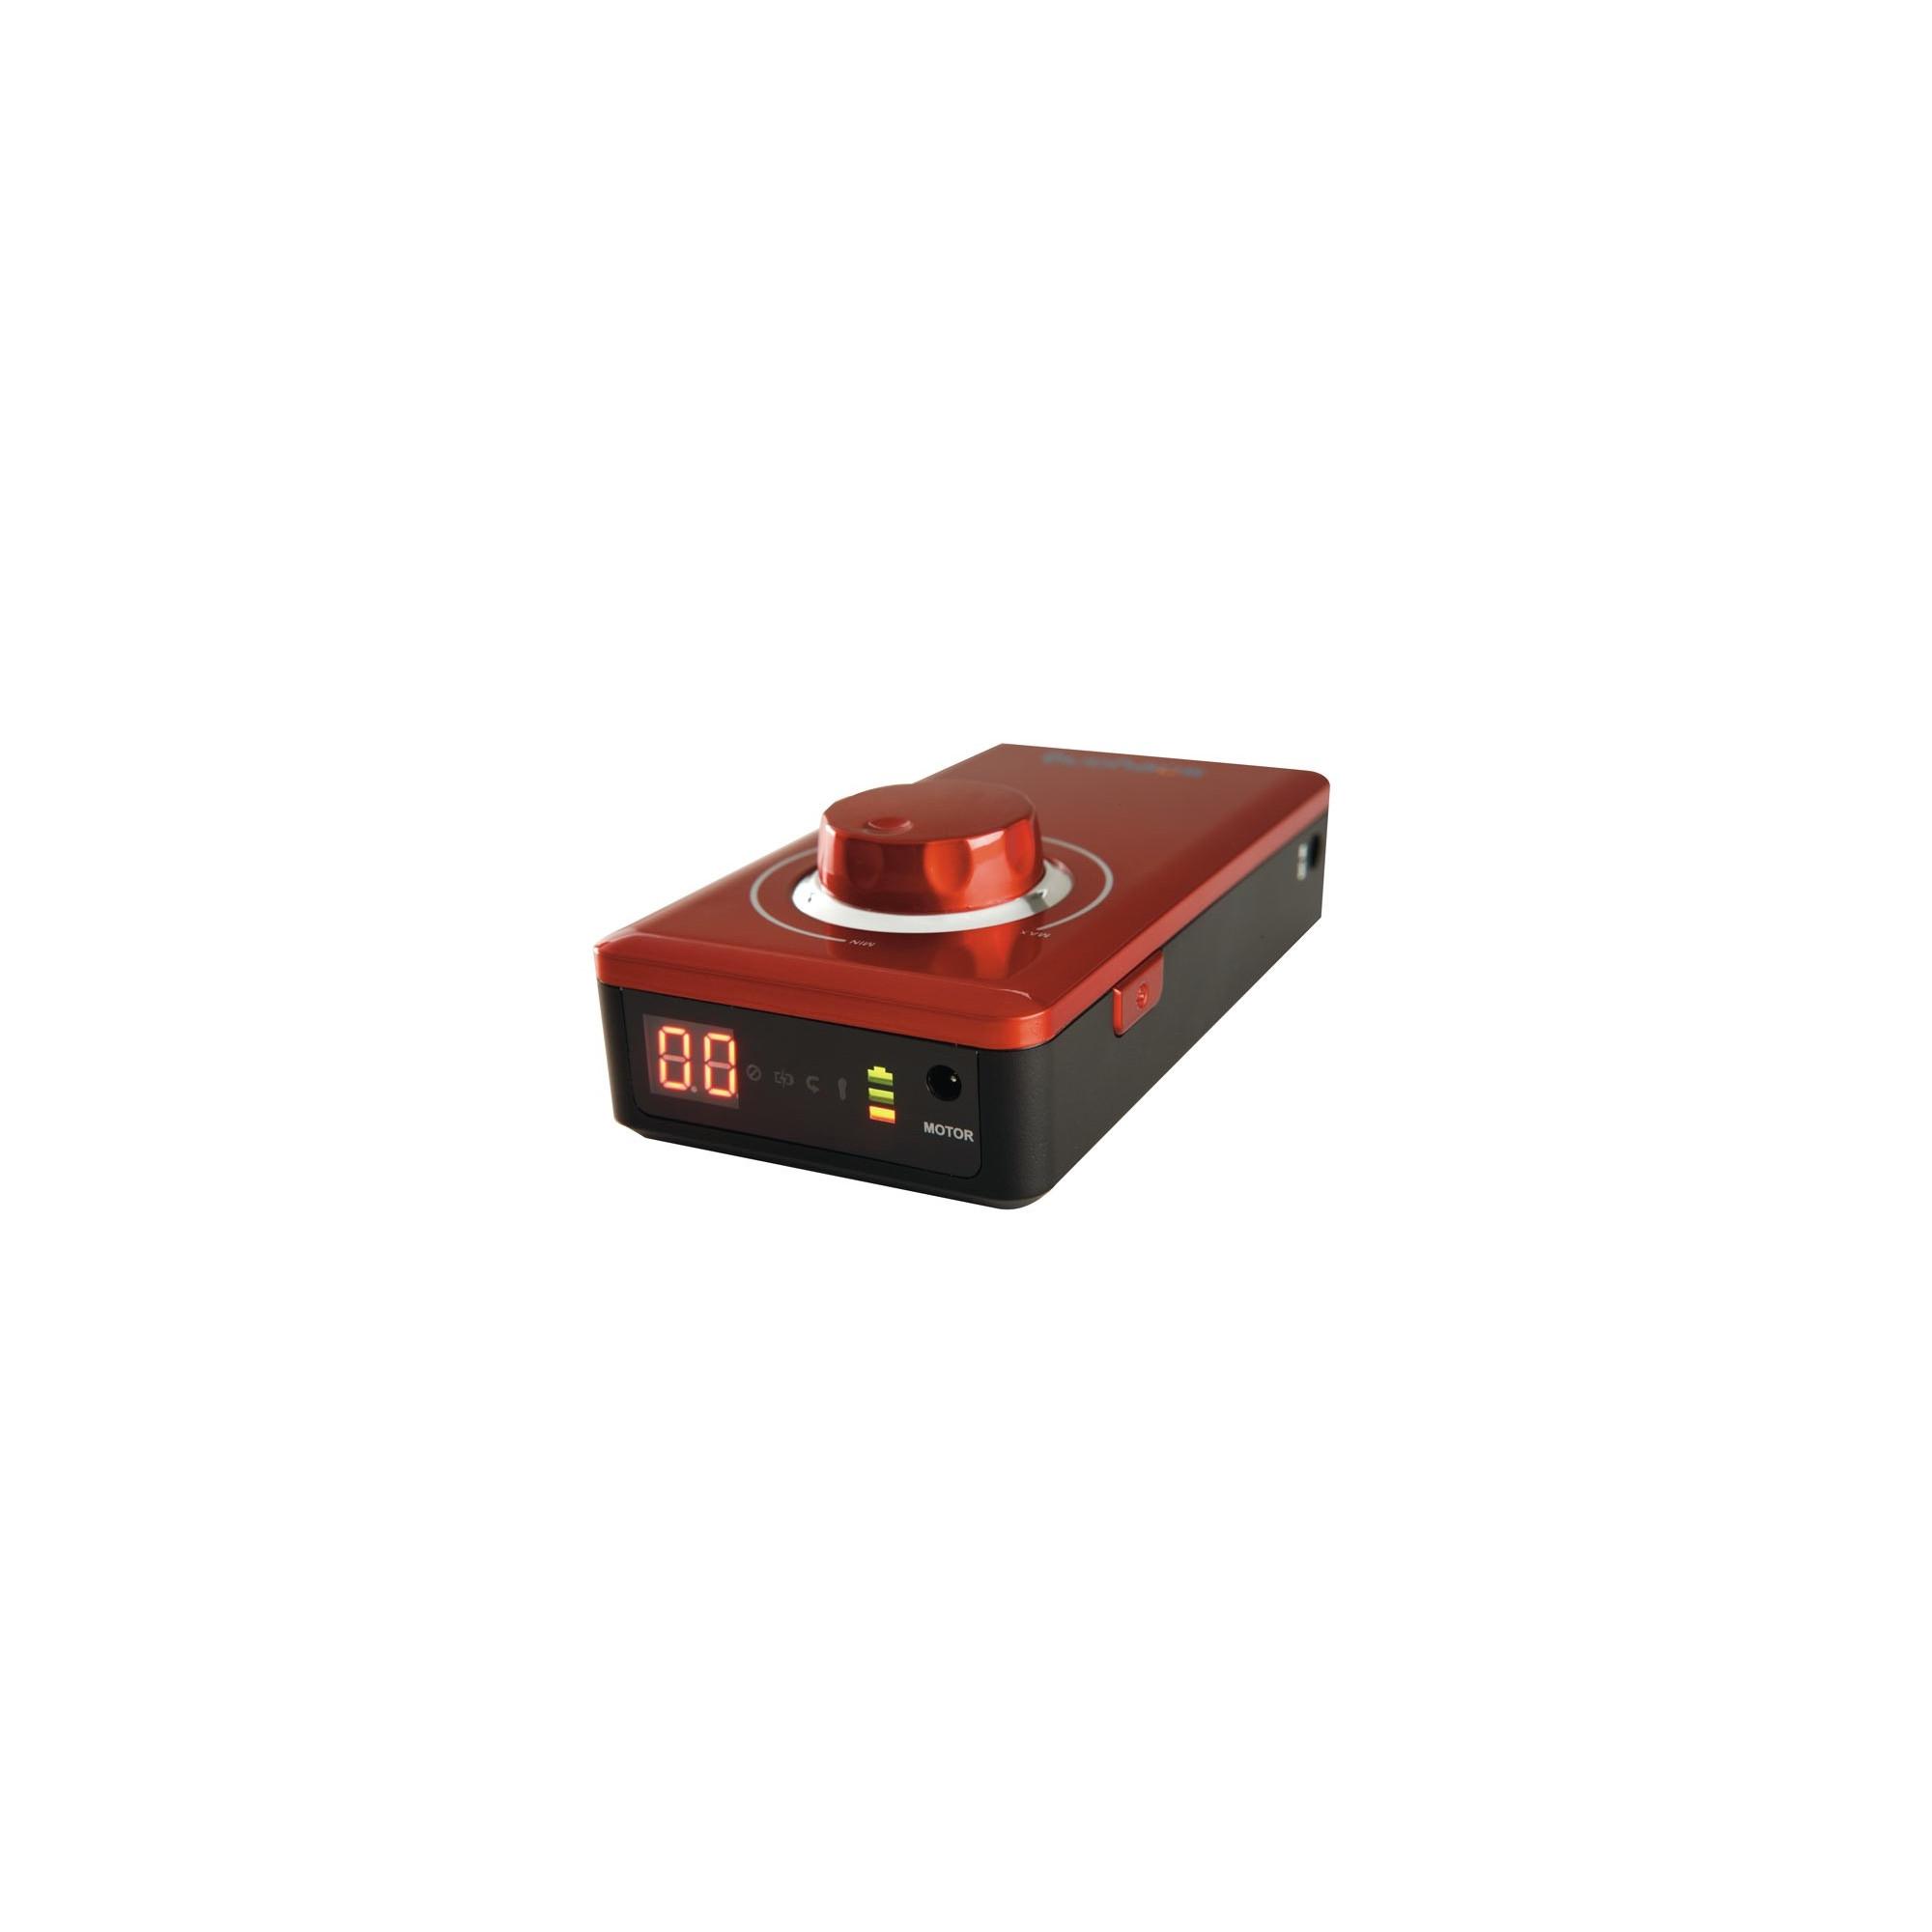 Micromoteur portable K38 30 000 tr/min